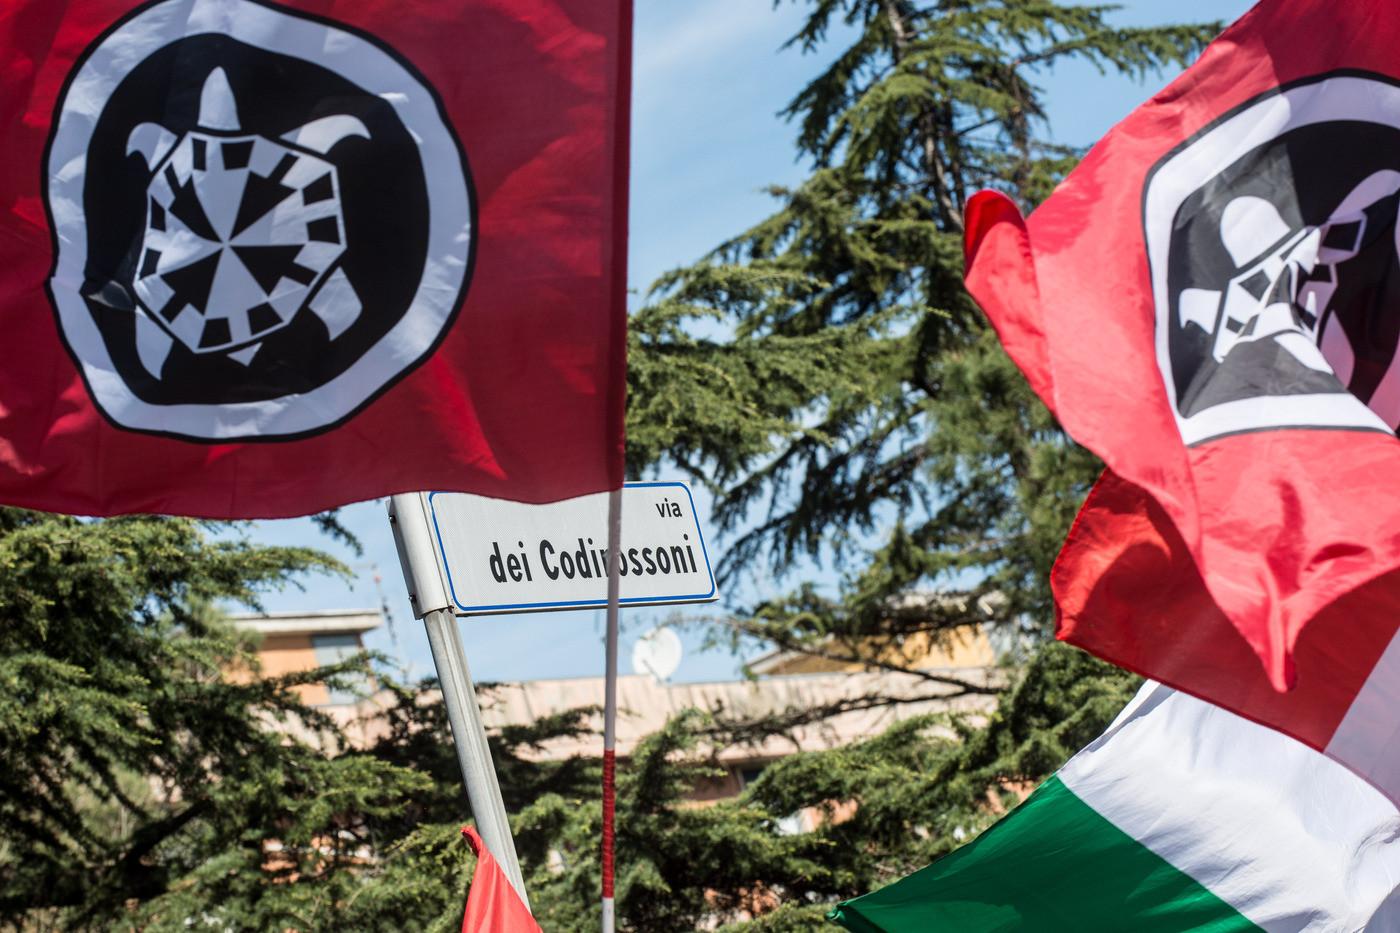 """Violenza sessuale di gruppo, arrestati due esponenti di Casapound a Viterbo. Di Maio: """"La pagheranno cara"""""""